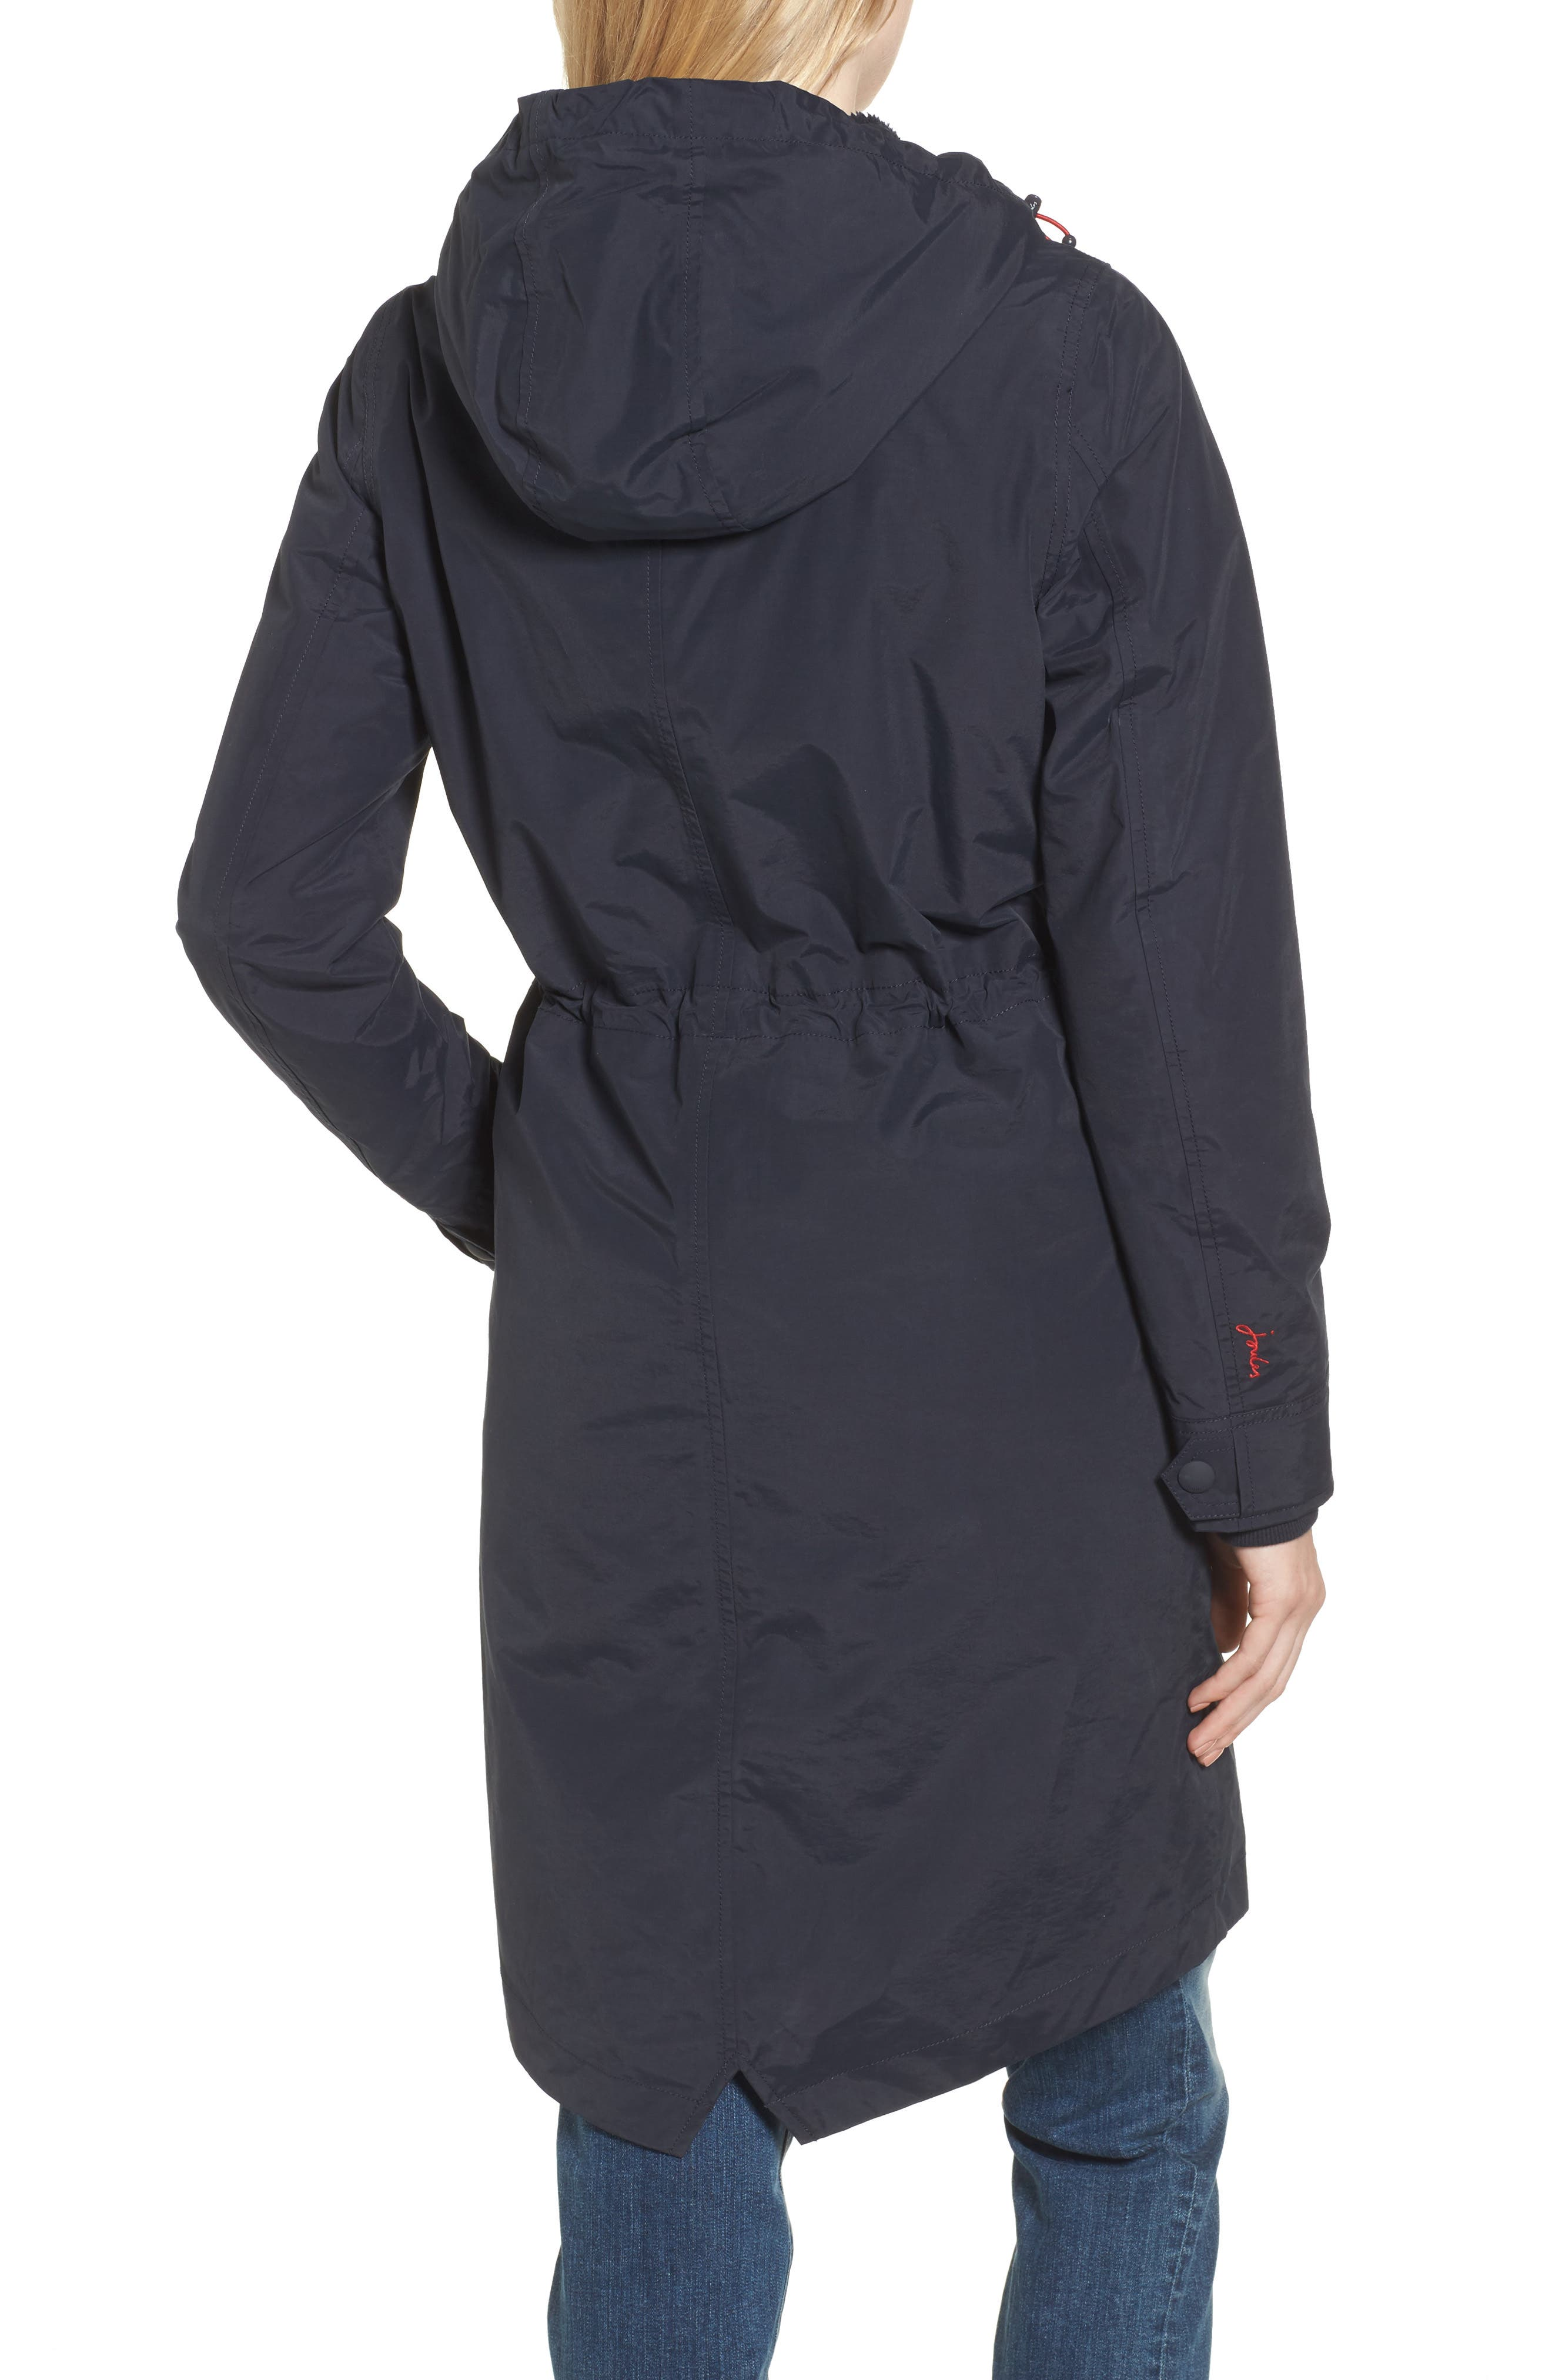 Hooded Fleece Lined Raincoat,                             Alternate thumbnail 2, color,